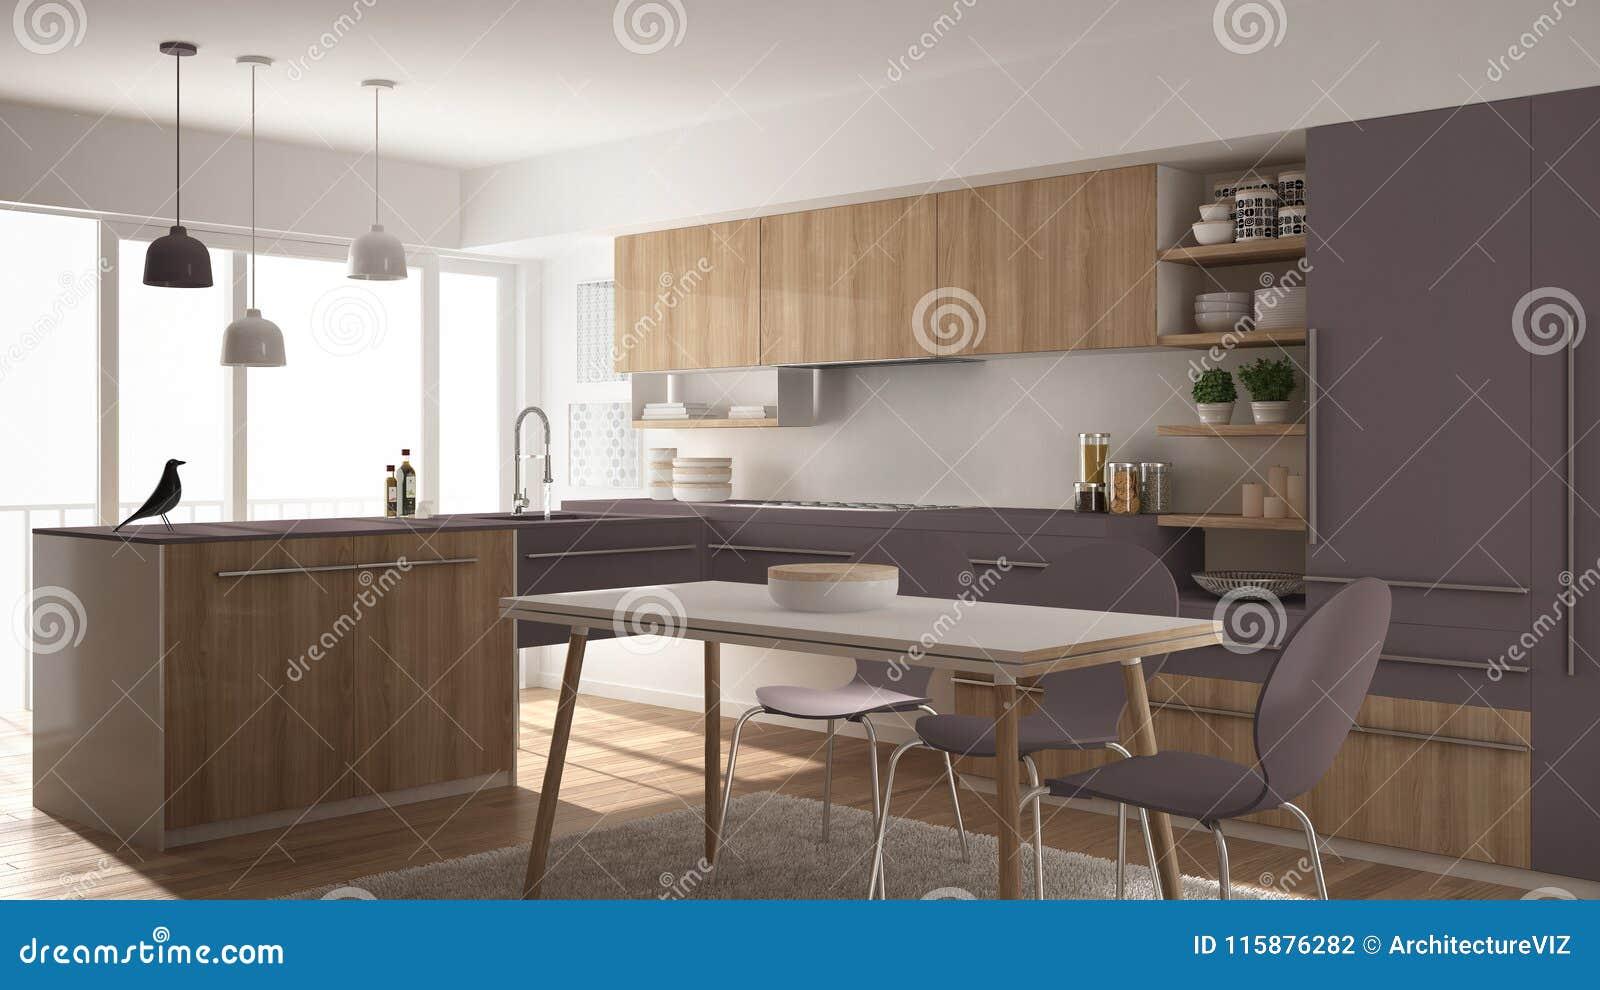 Moderne minimalistic houten keuken met eettafel, tapijt en panoramisch venster, witte en violette architectuur binnenlandse desig